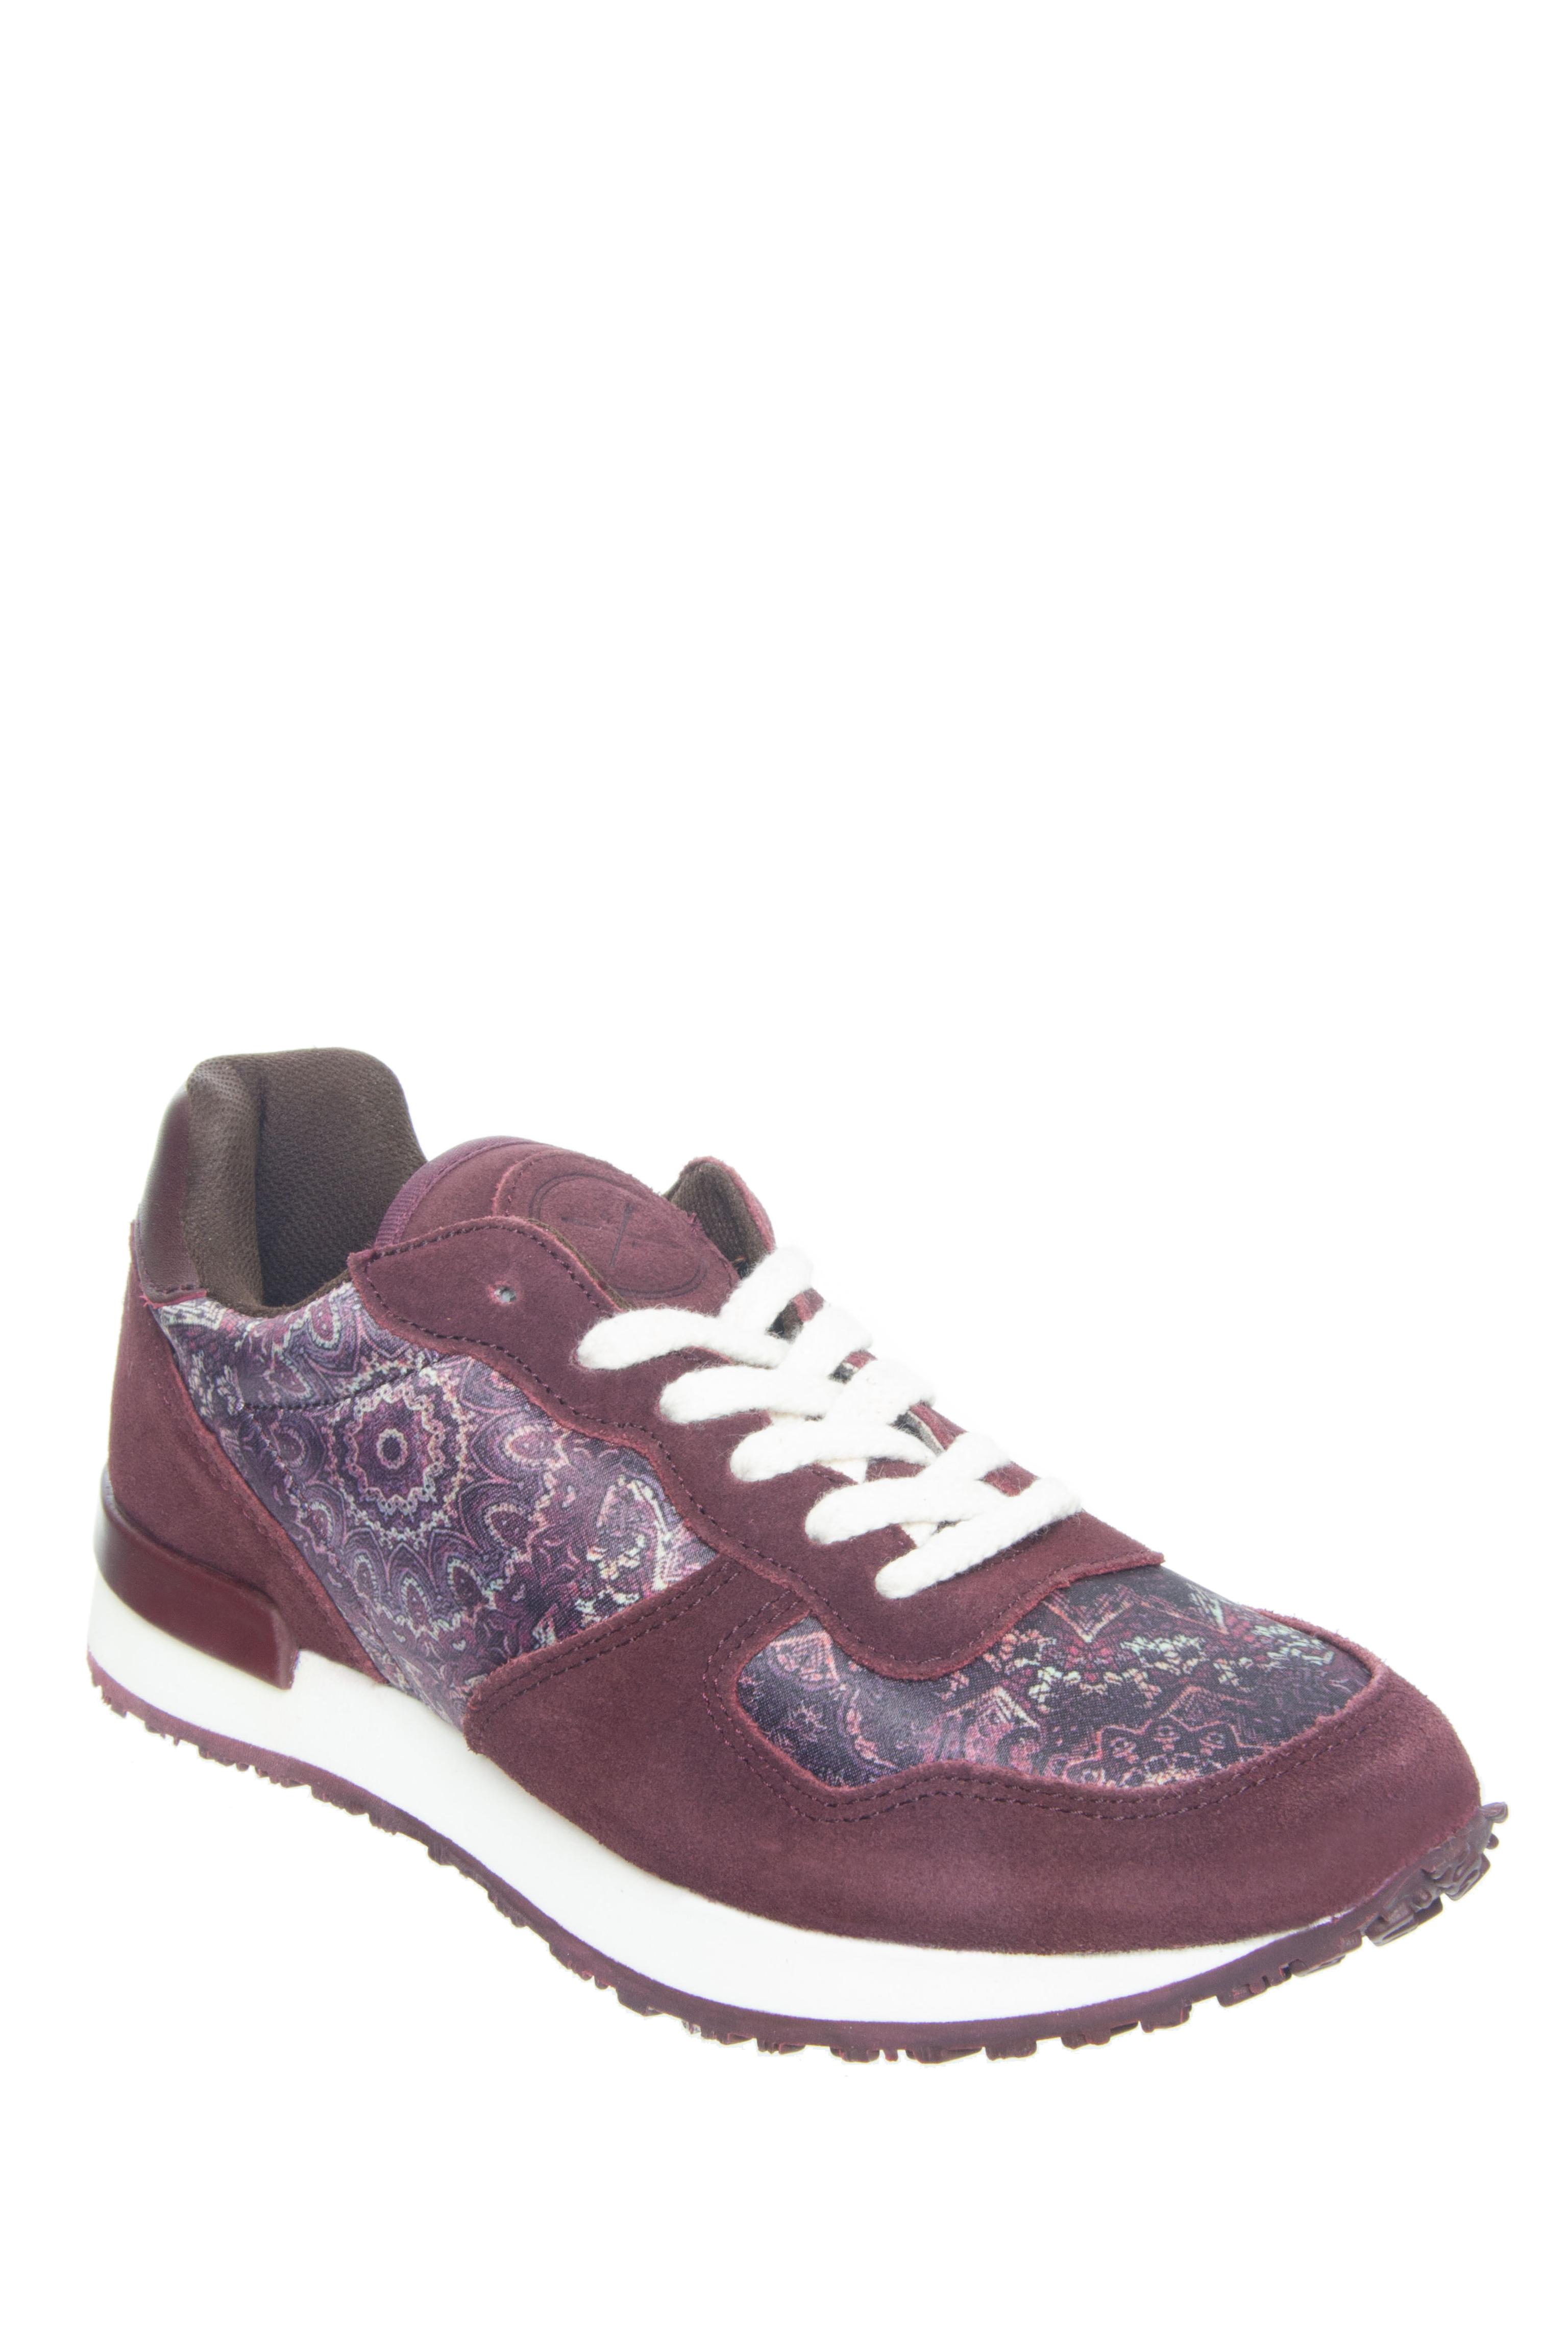 Inkkas Worldwear Low Top Jogger Sneakers - Venice